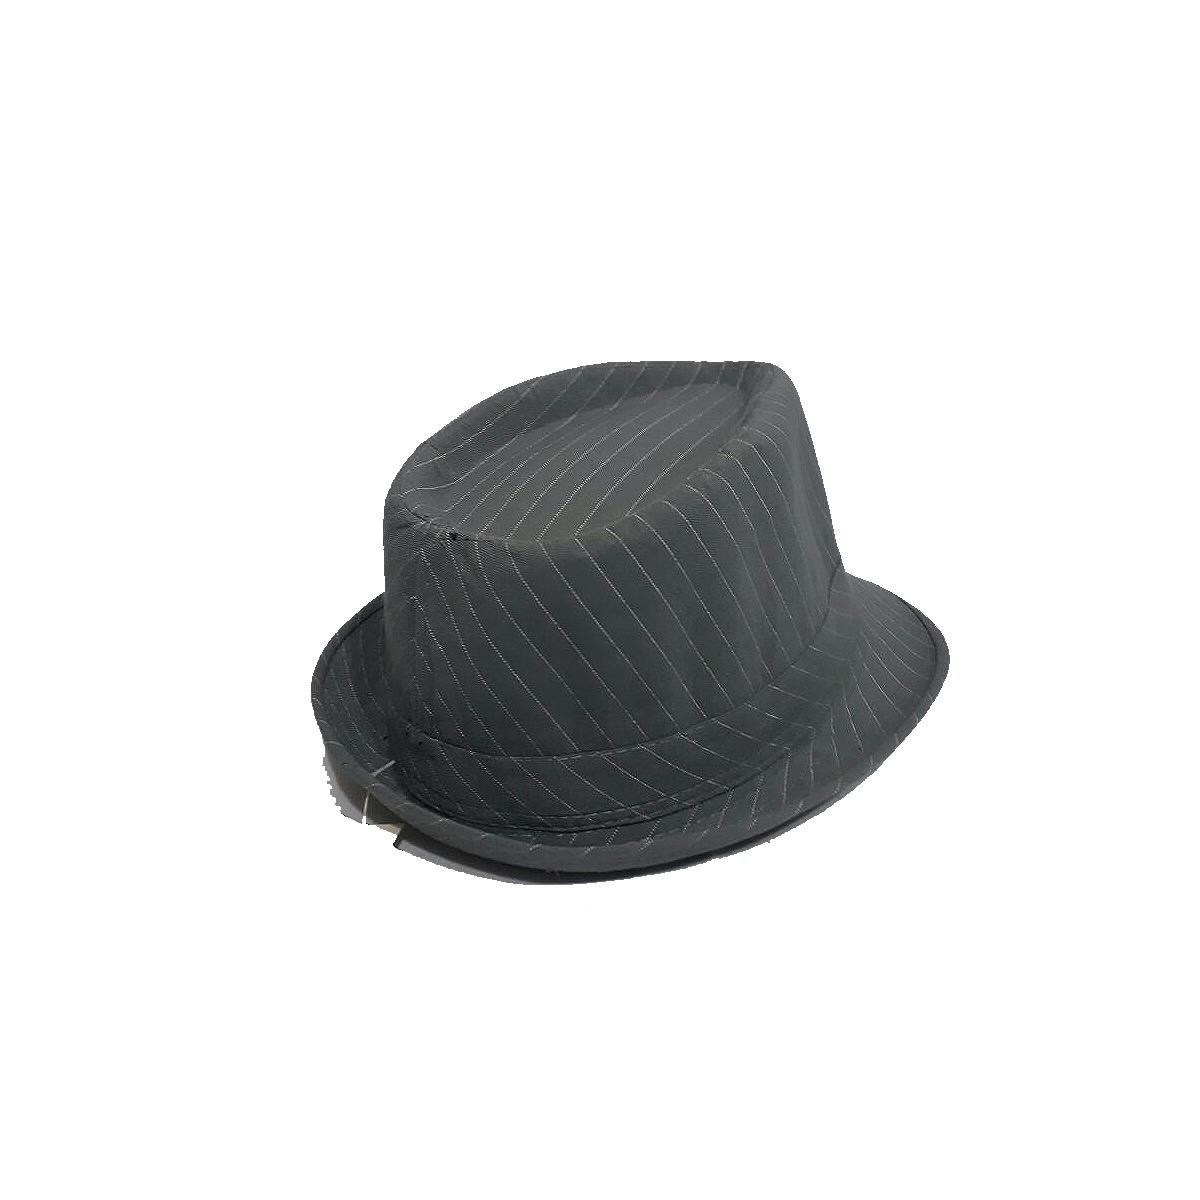 6501ebec2a2a3 chapéu boné estiloso masculino e feminino moda estiloso. Carregando zoom.